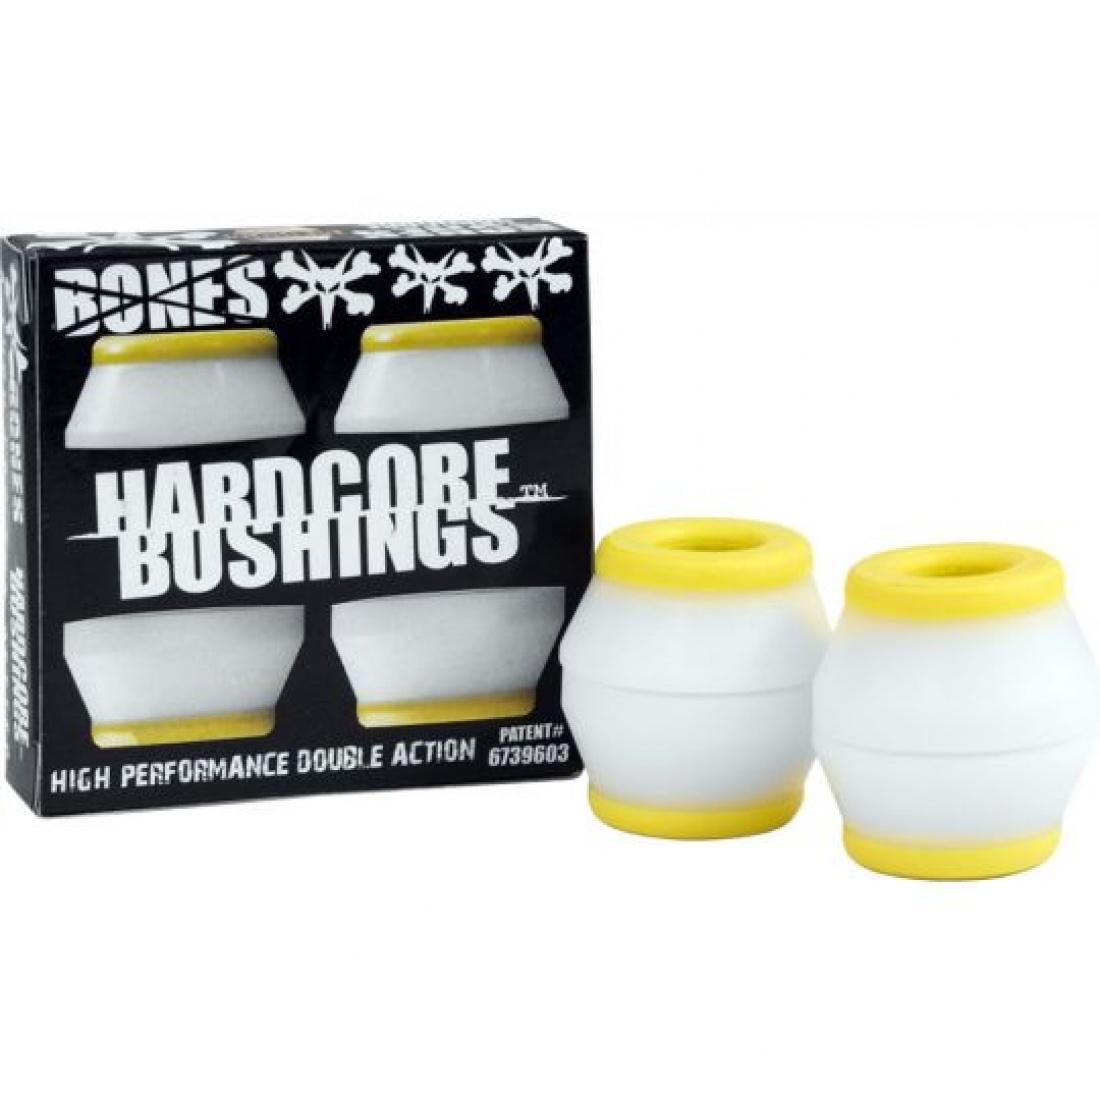 Bones Hardcore Bushings Medium Yellow/White